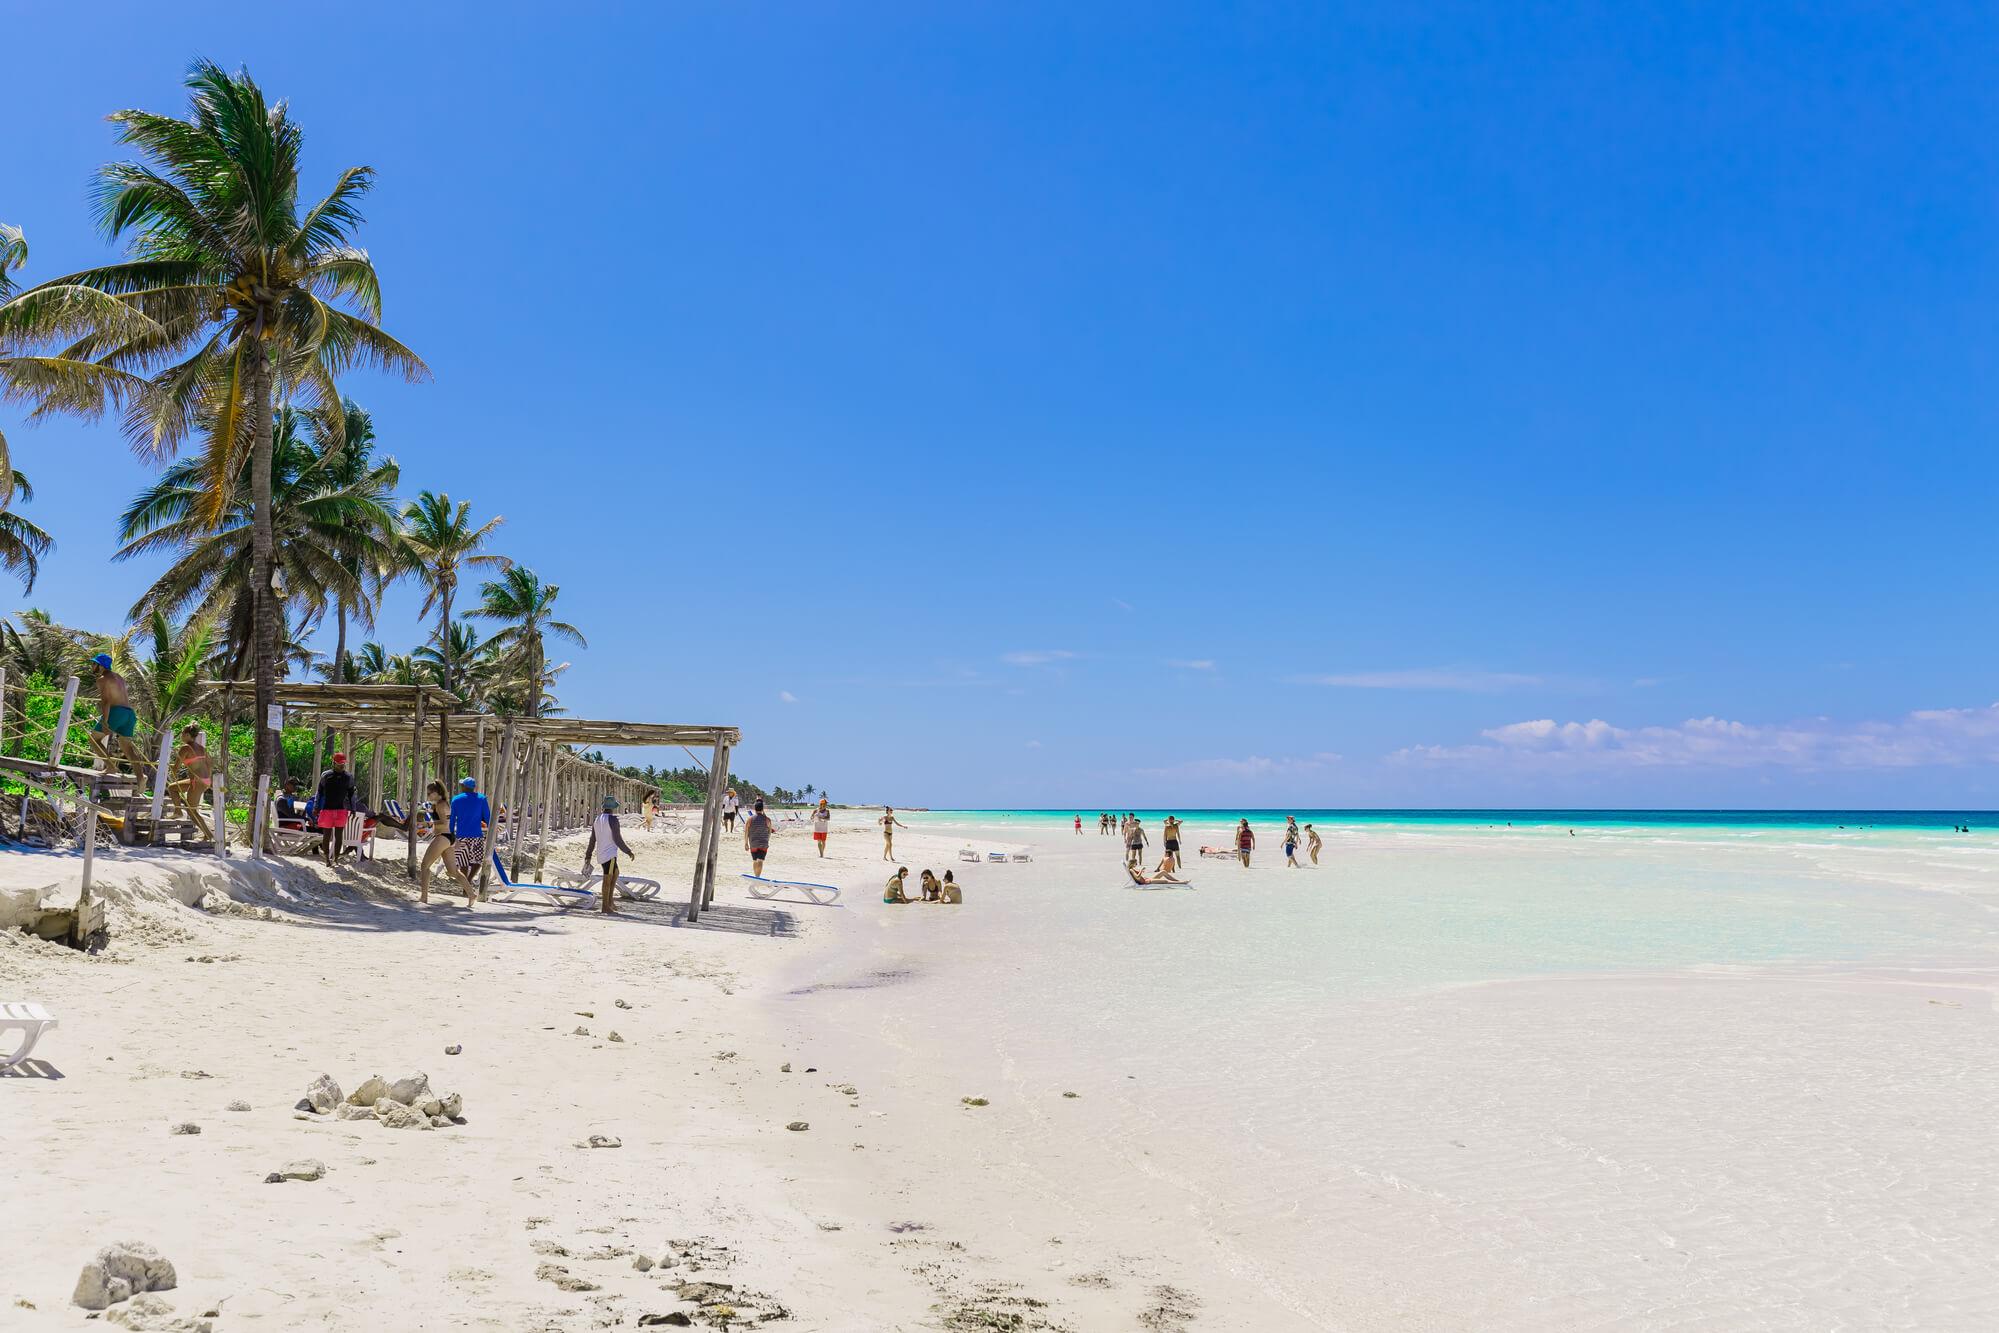 Отзывы туристов об отдыхе в Кайо-Коко